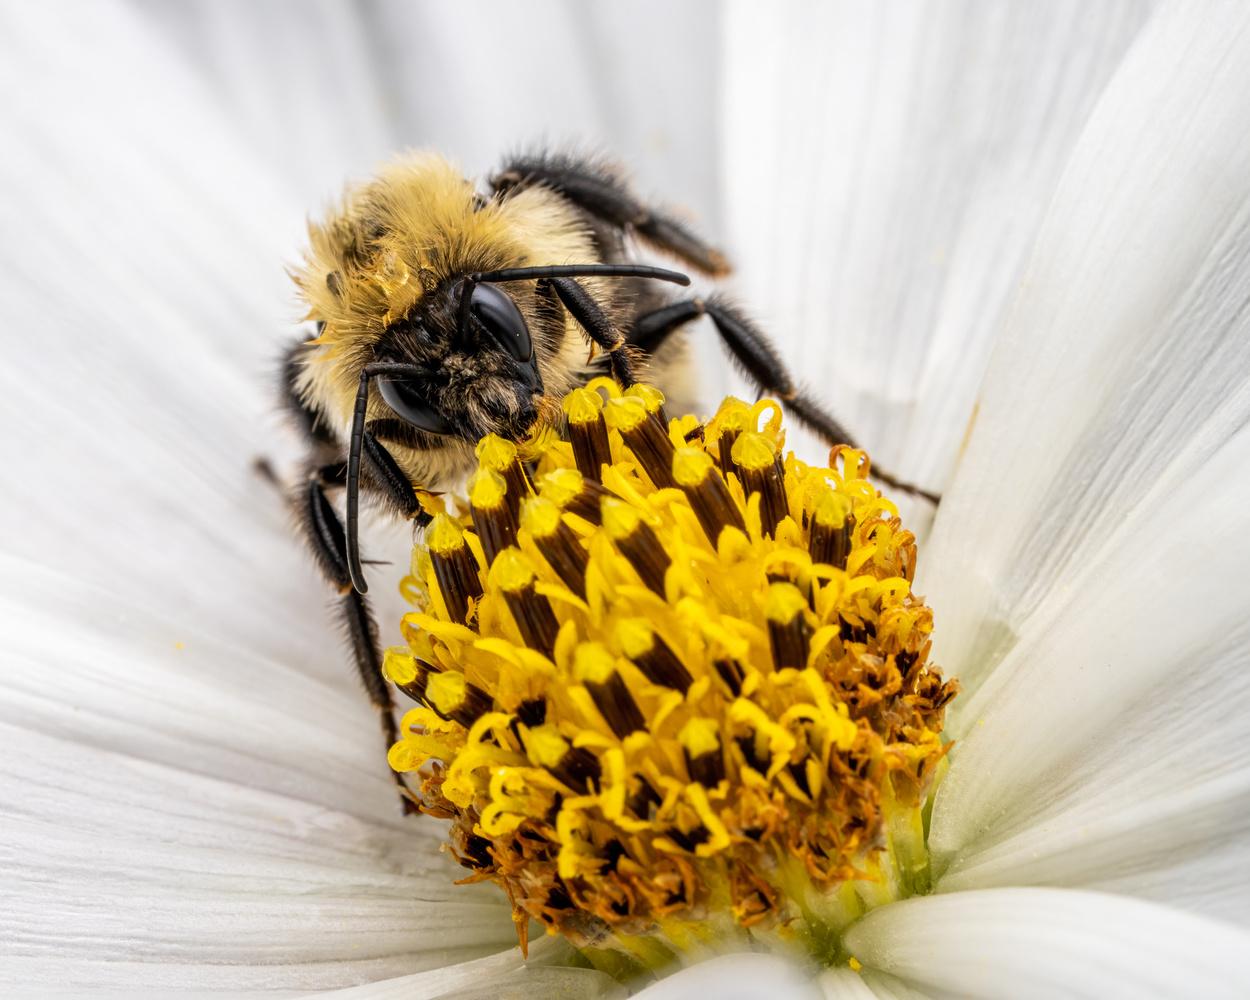 Bee by Skyler Ewing